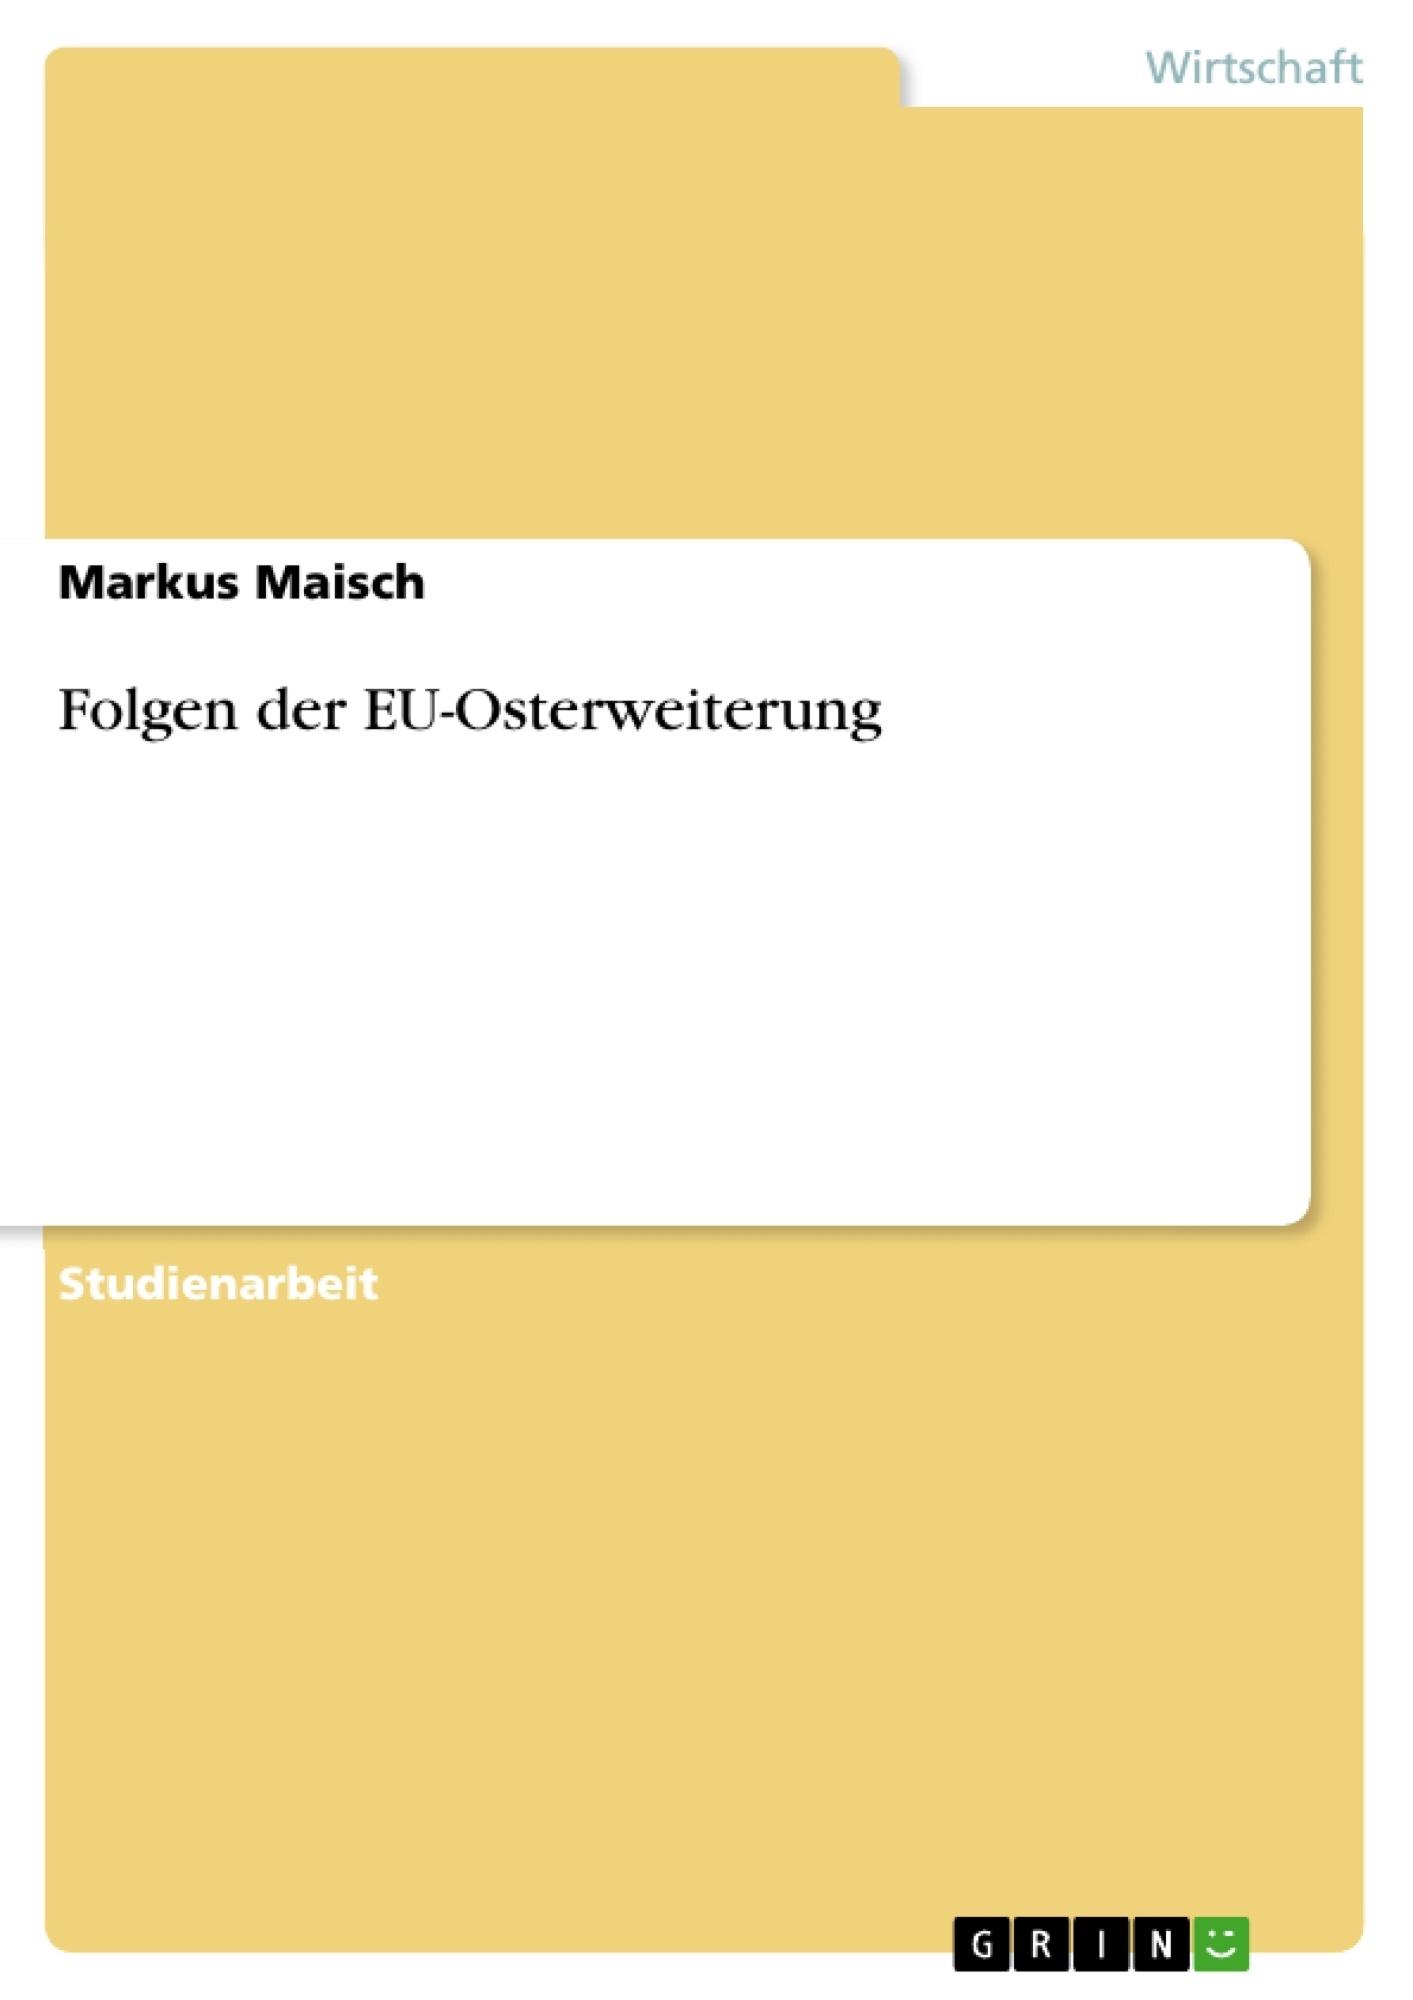 Titel: Folgen der EU-Osterweiterung